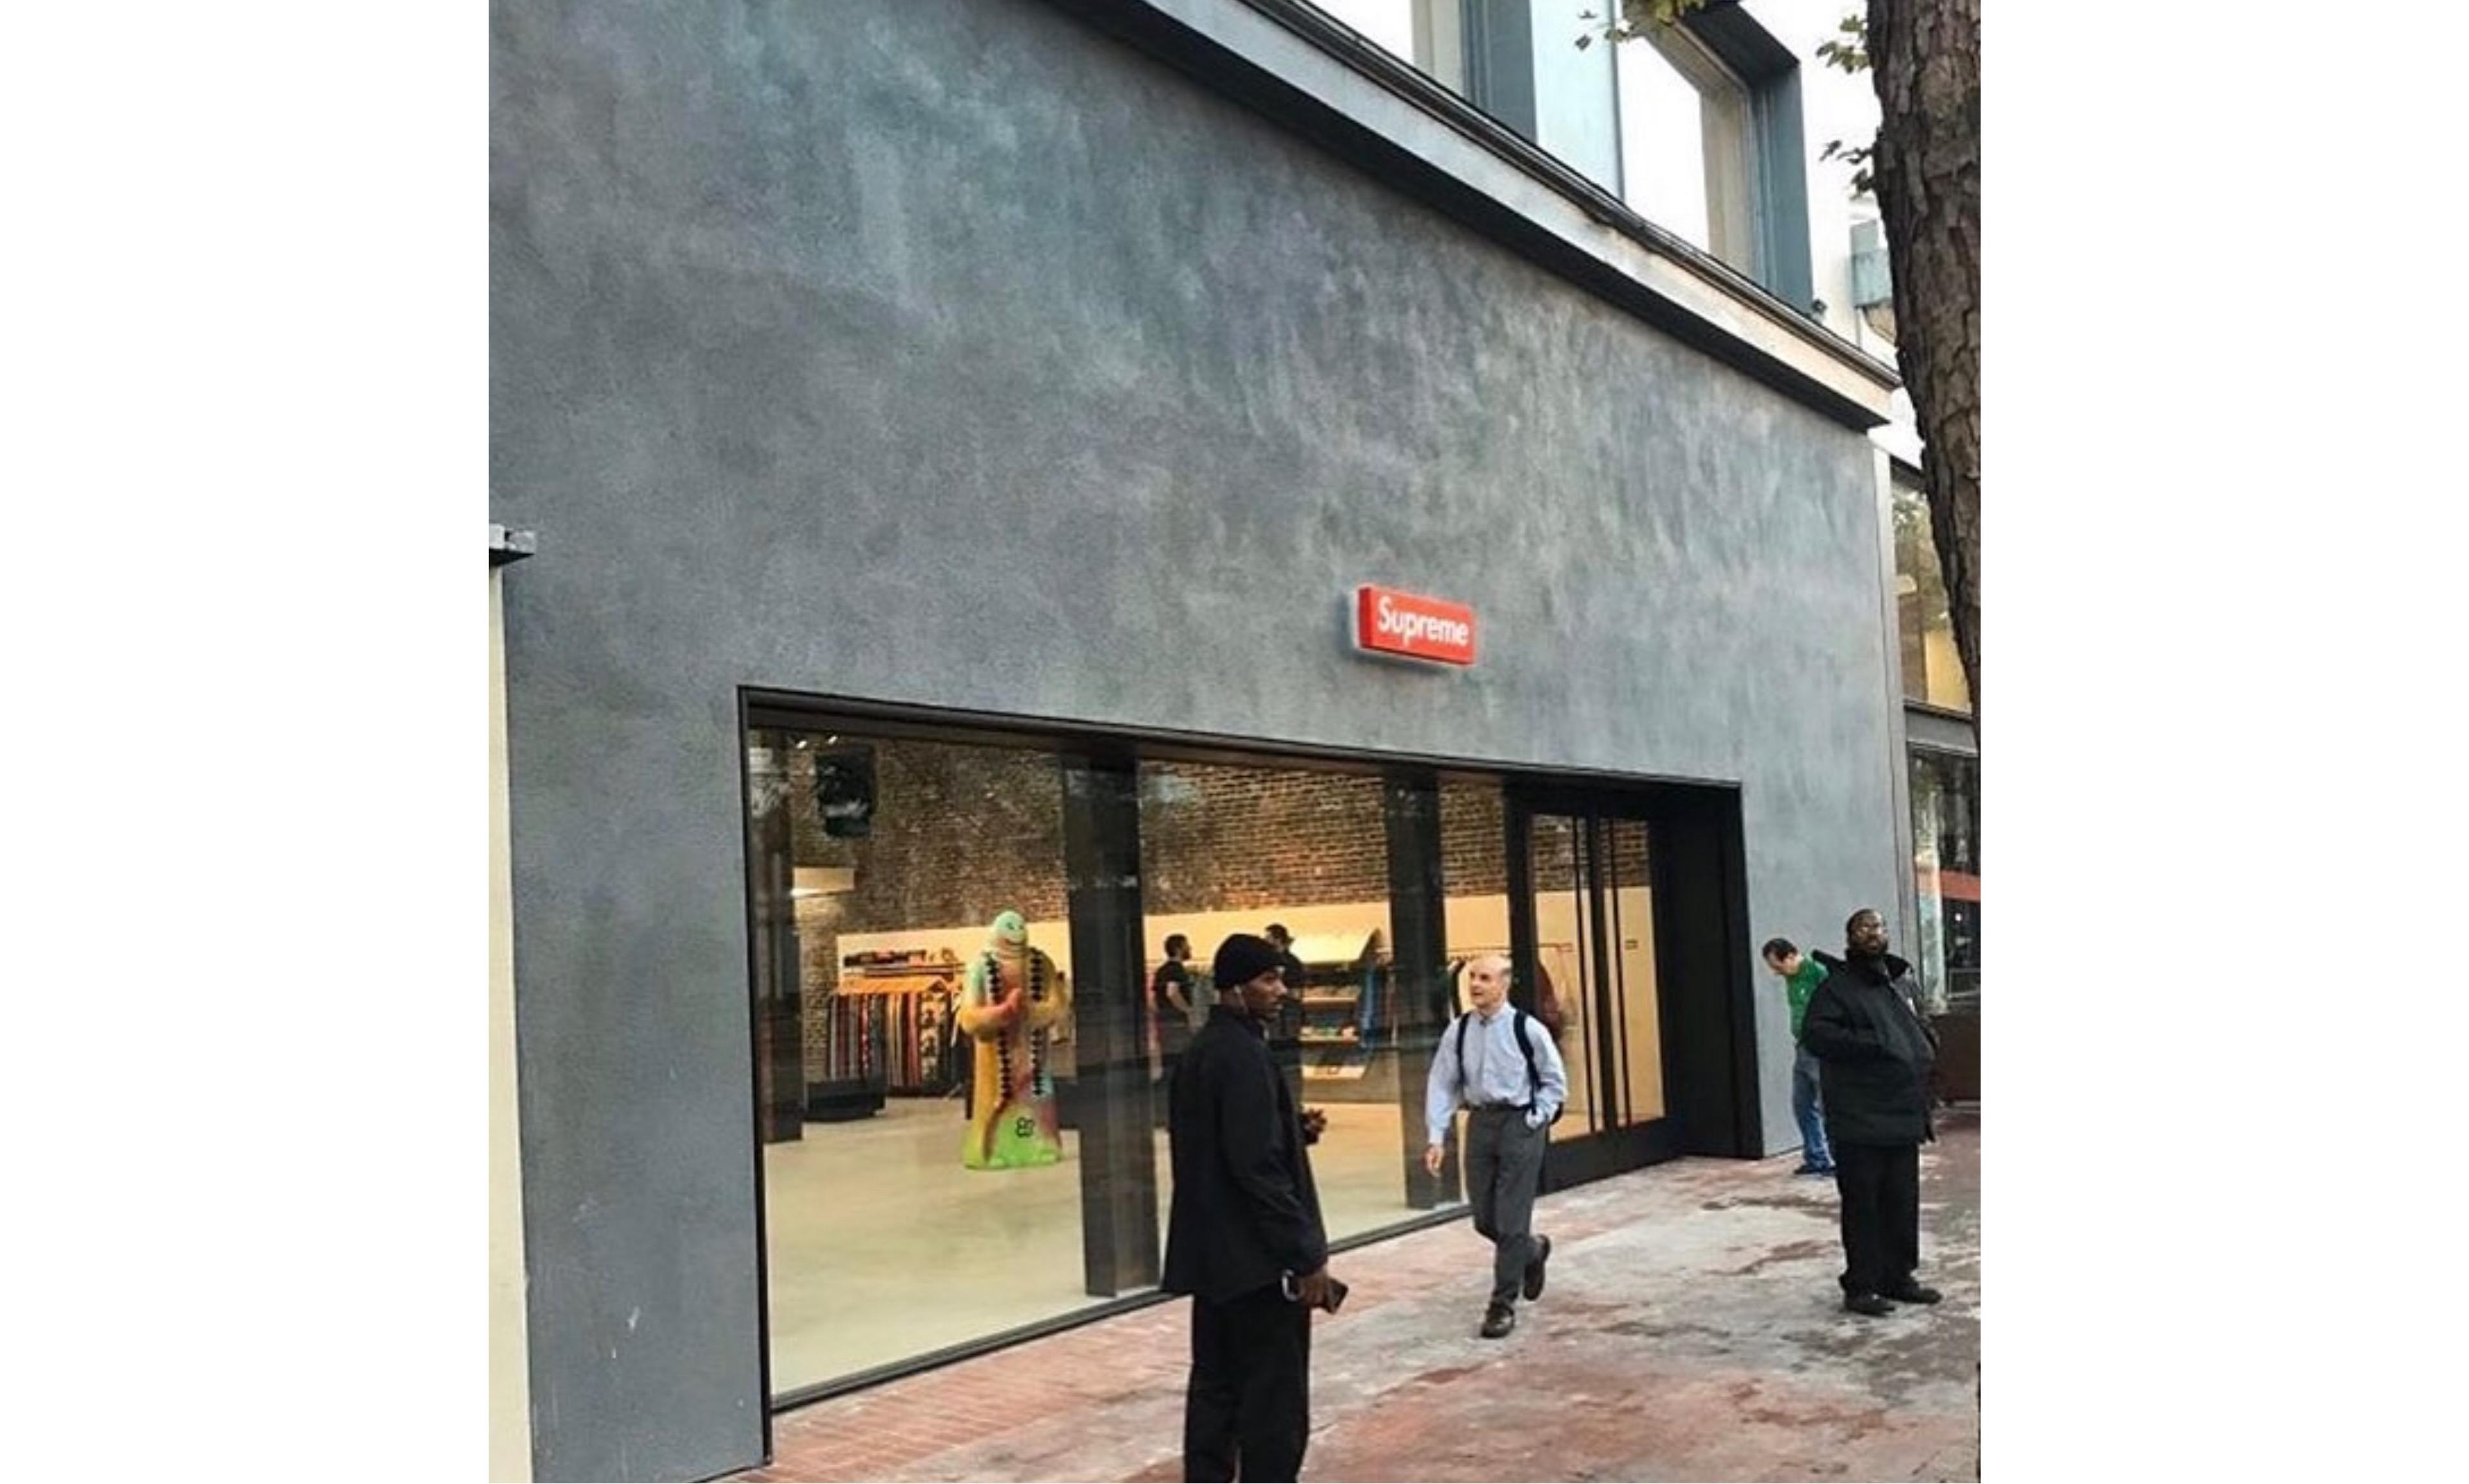 延续布鲁克林设计风格,Supreme 全新旧金山门店路透照曝光